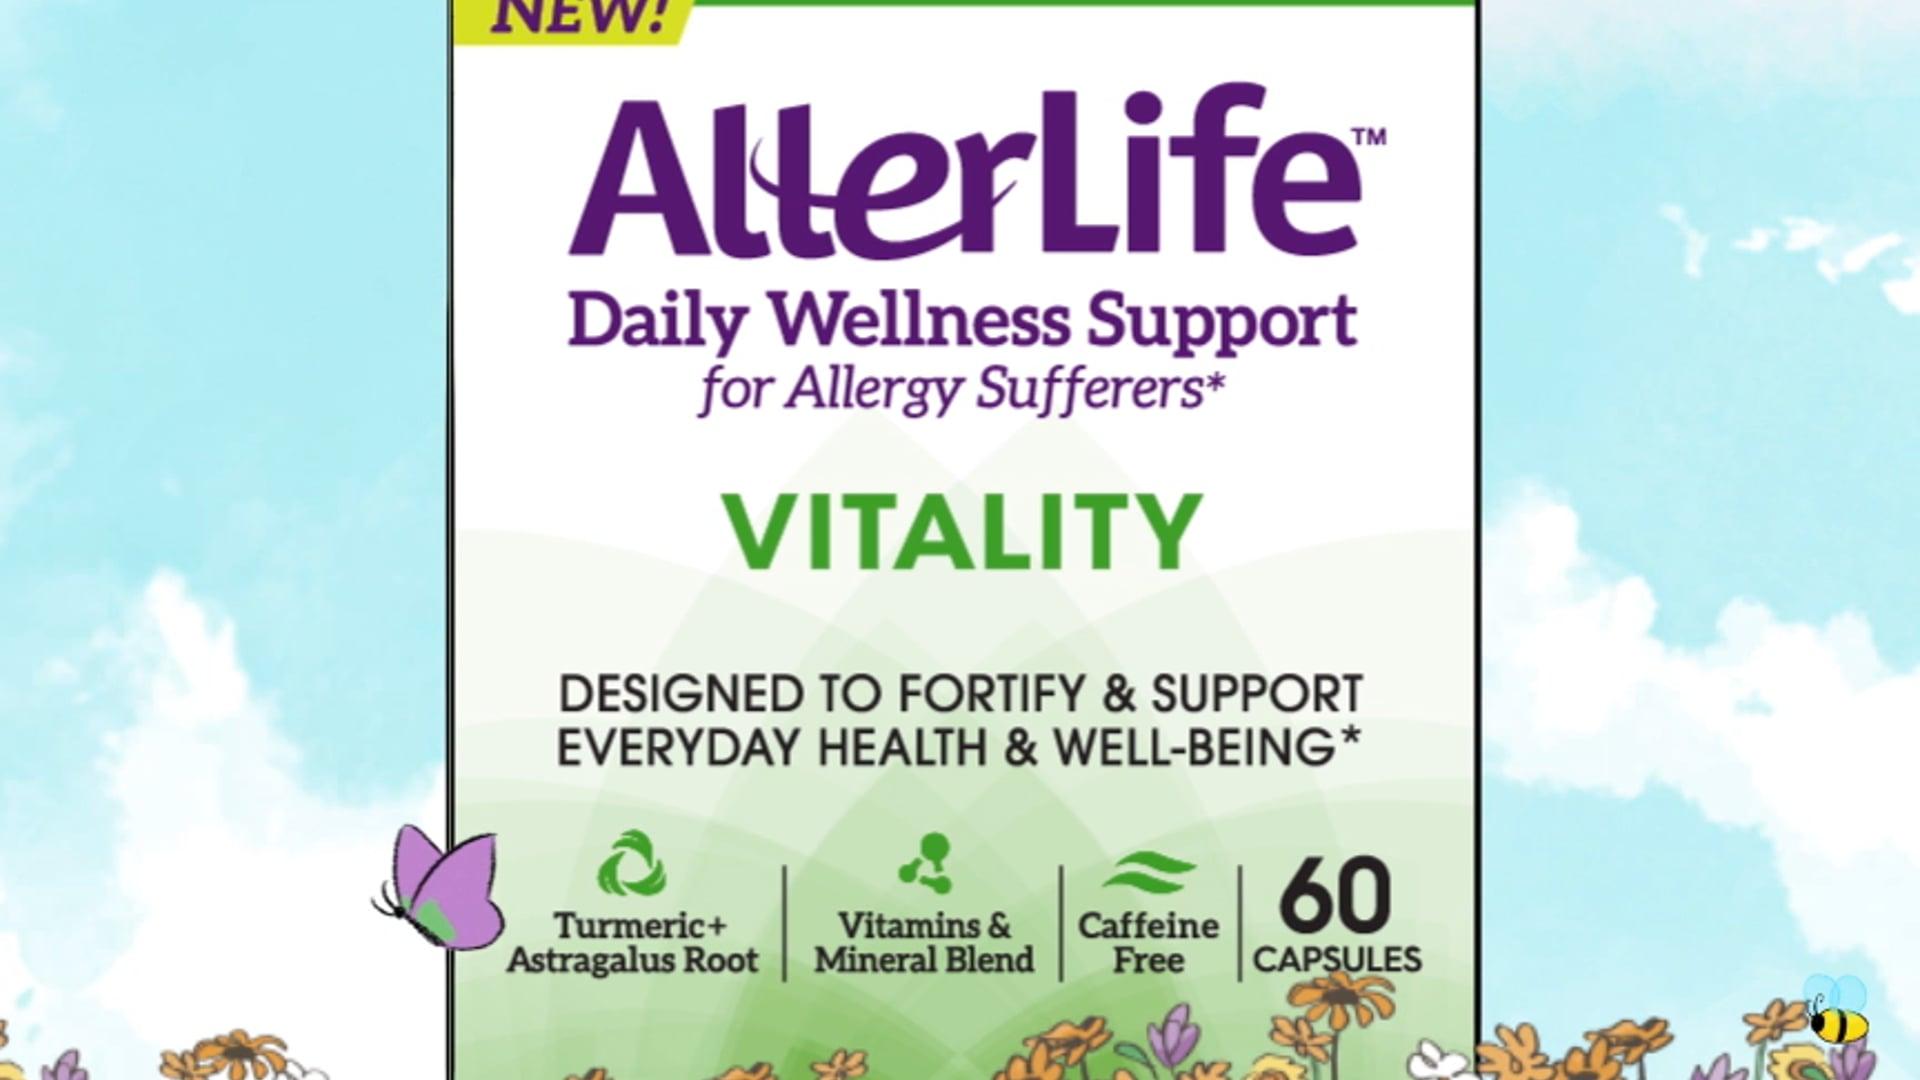 Allerlife Vitality (4x5)